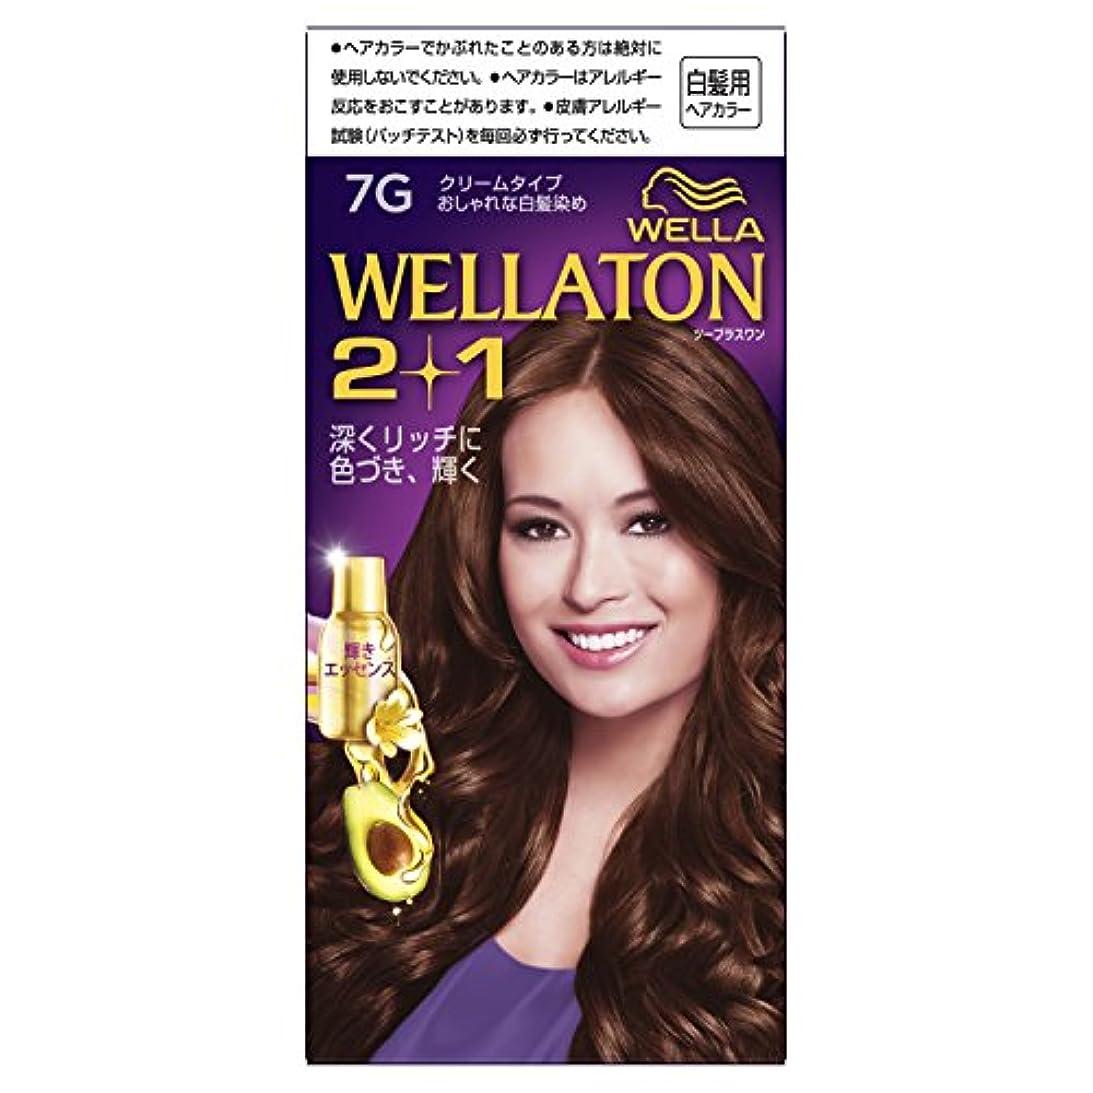 ボーナス億かけるウエラトーン2+1 クリームタイプ 7G [医薬部外品](おしゃれな白髪染め)